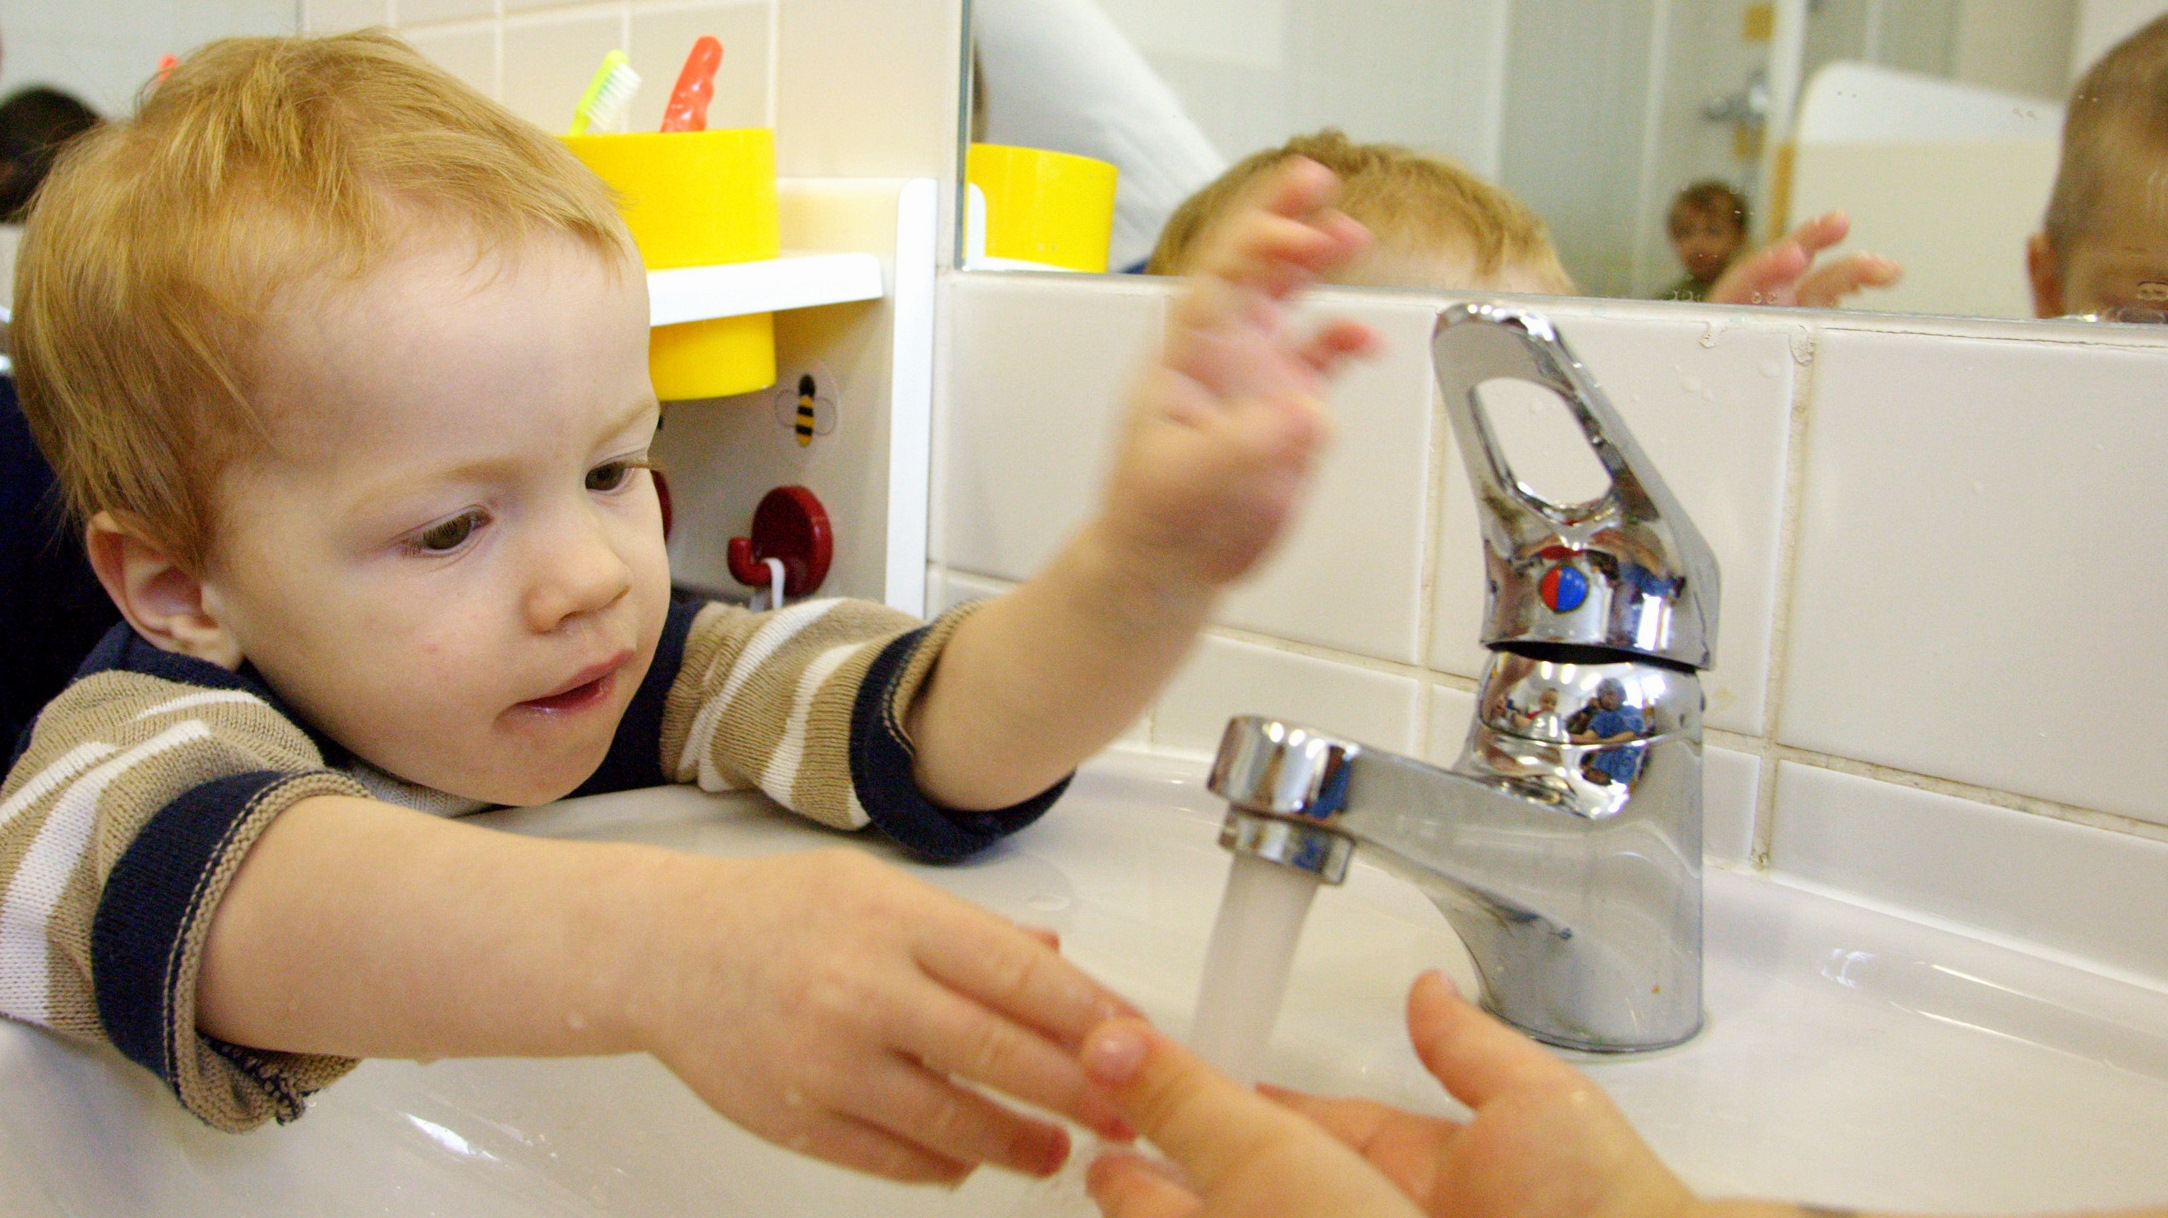 pitná voda_chlapček_umýva si ruky_tečie voda z vodovodu